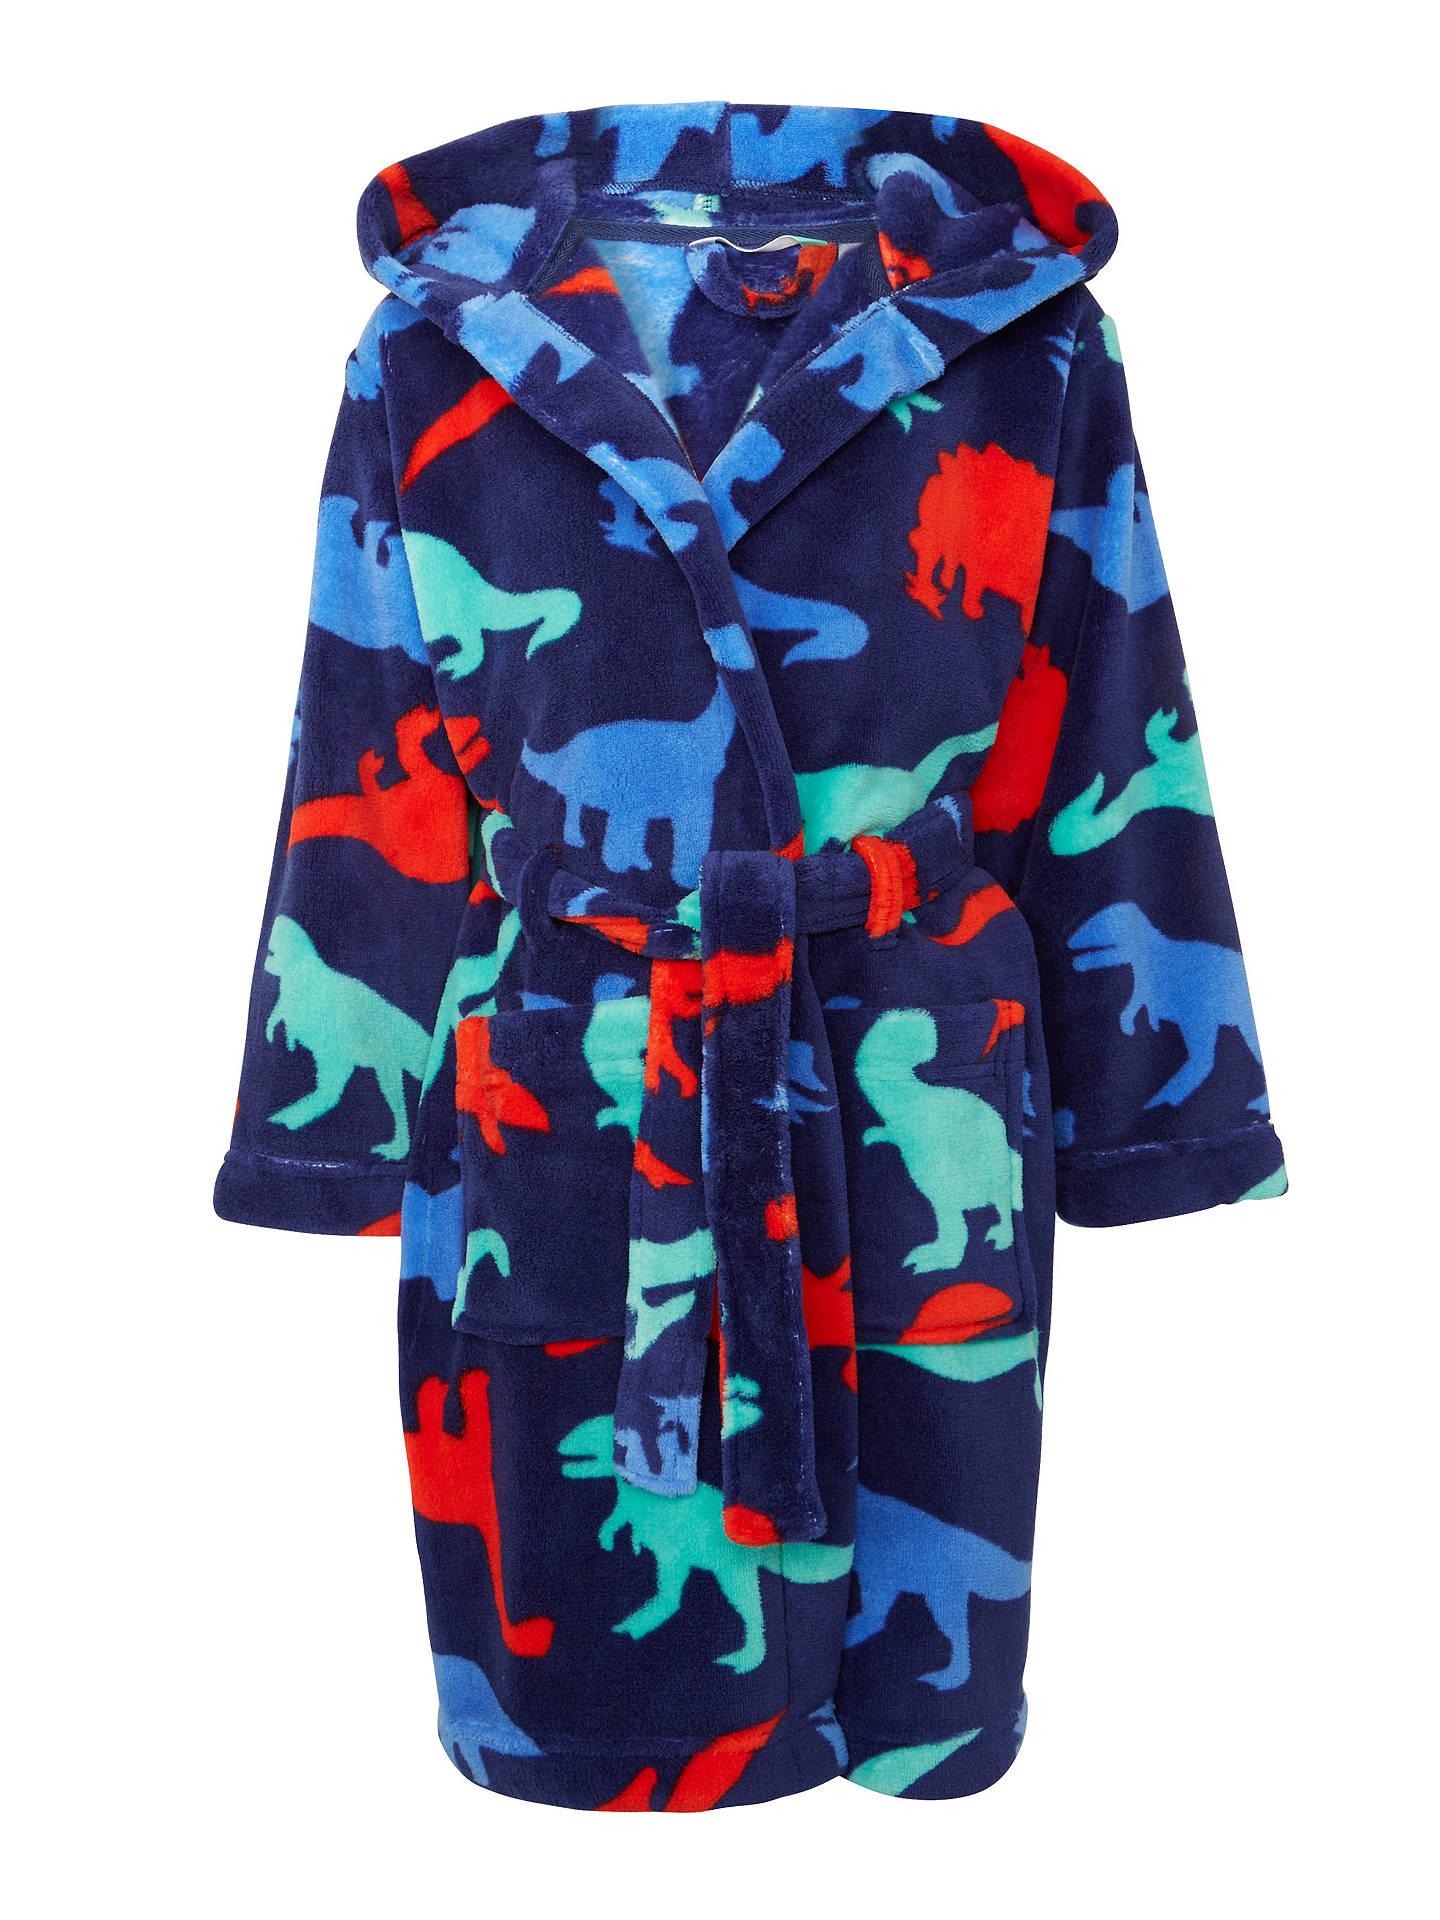 John Lewis Childrens Dinosaur Robe Blue At John Lewis Partners